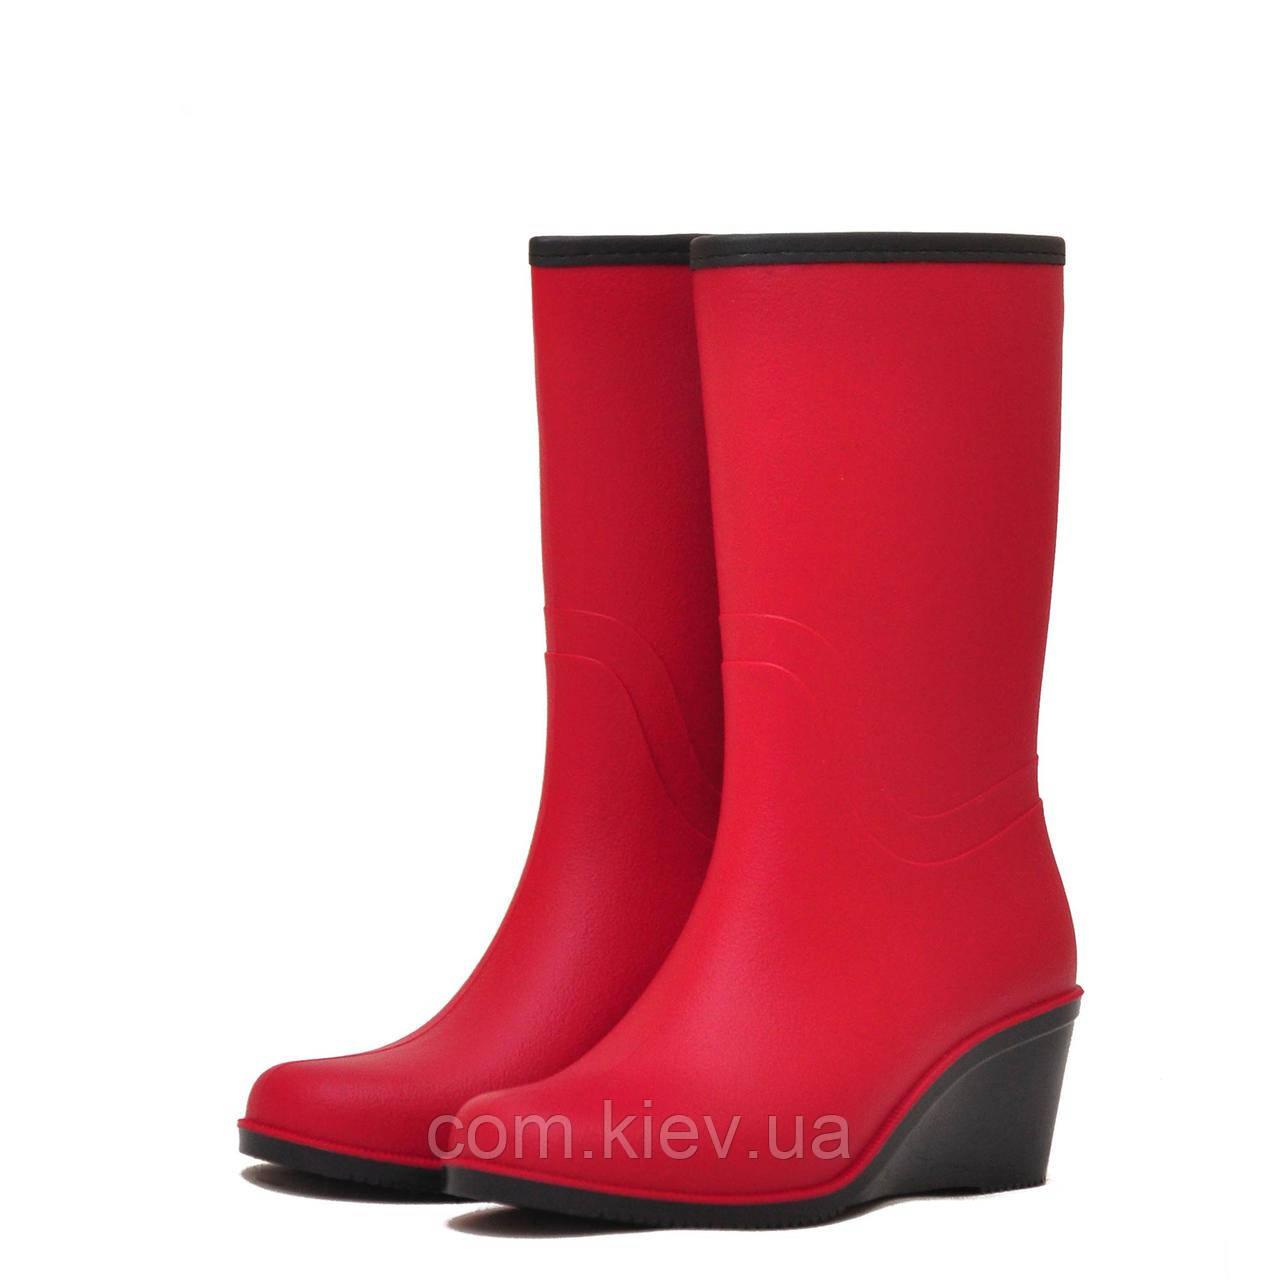 d9587c343 Сапоги женские резиновые (ПВХ) матовые ПС 27-2 (красные) р. 39, цена ...